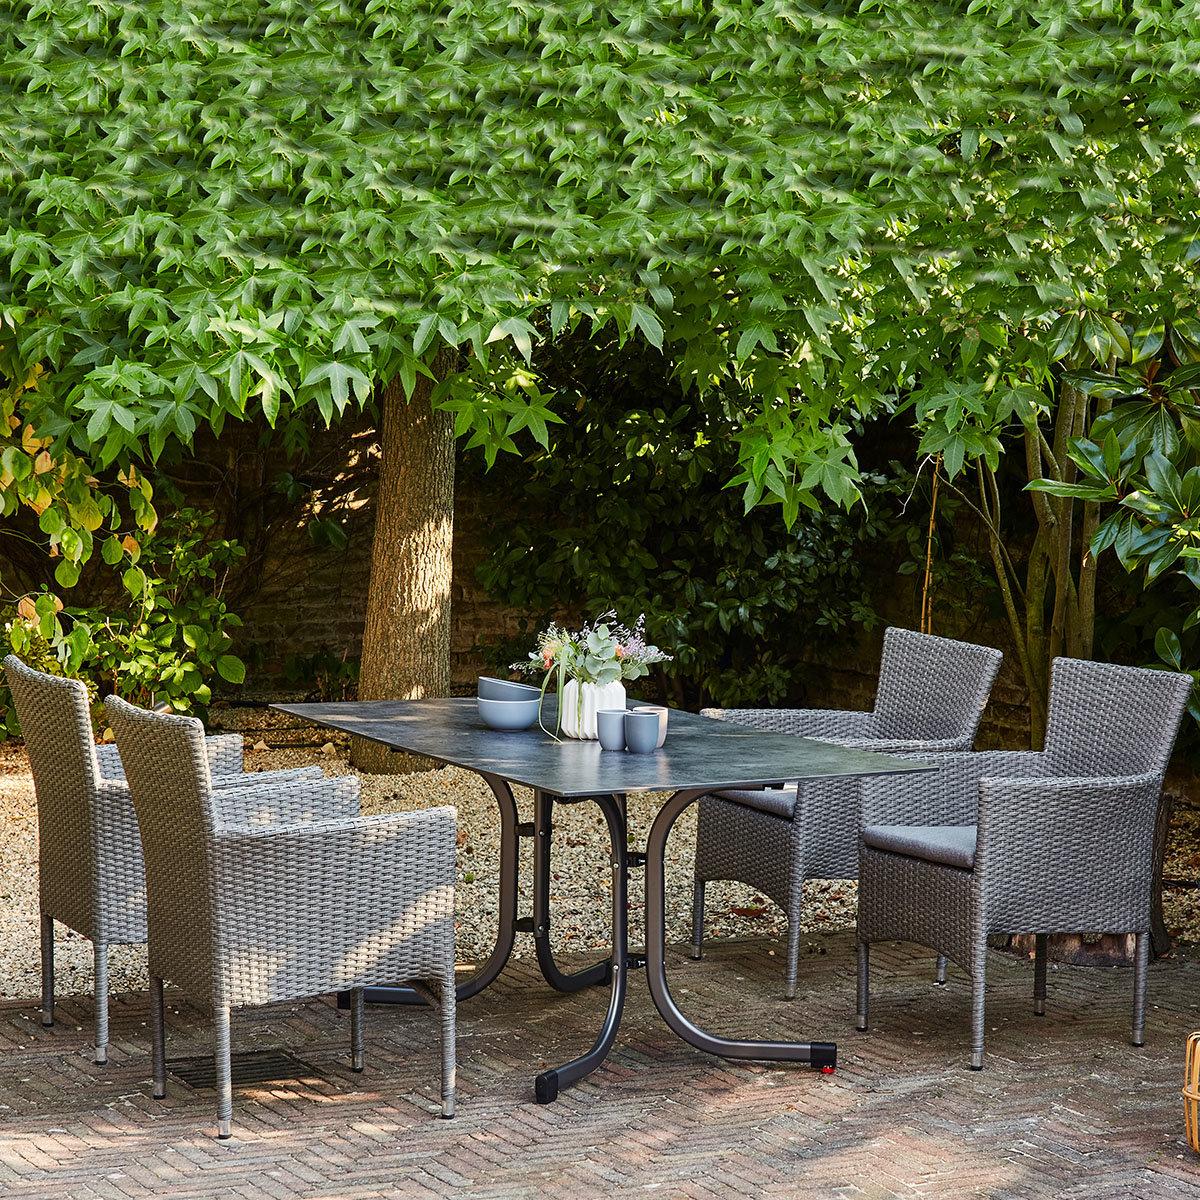 Gartenmöbel-Set Padova mit 4 Designsesseln (incl. Kissen) und 1 Klapptisch